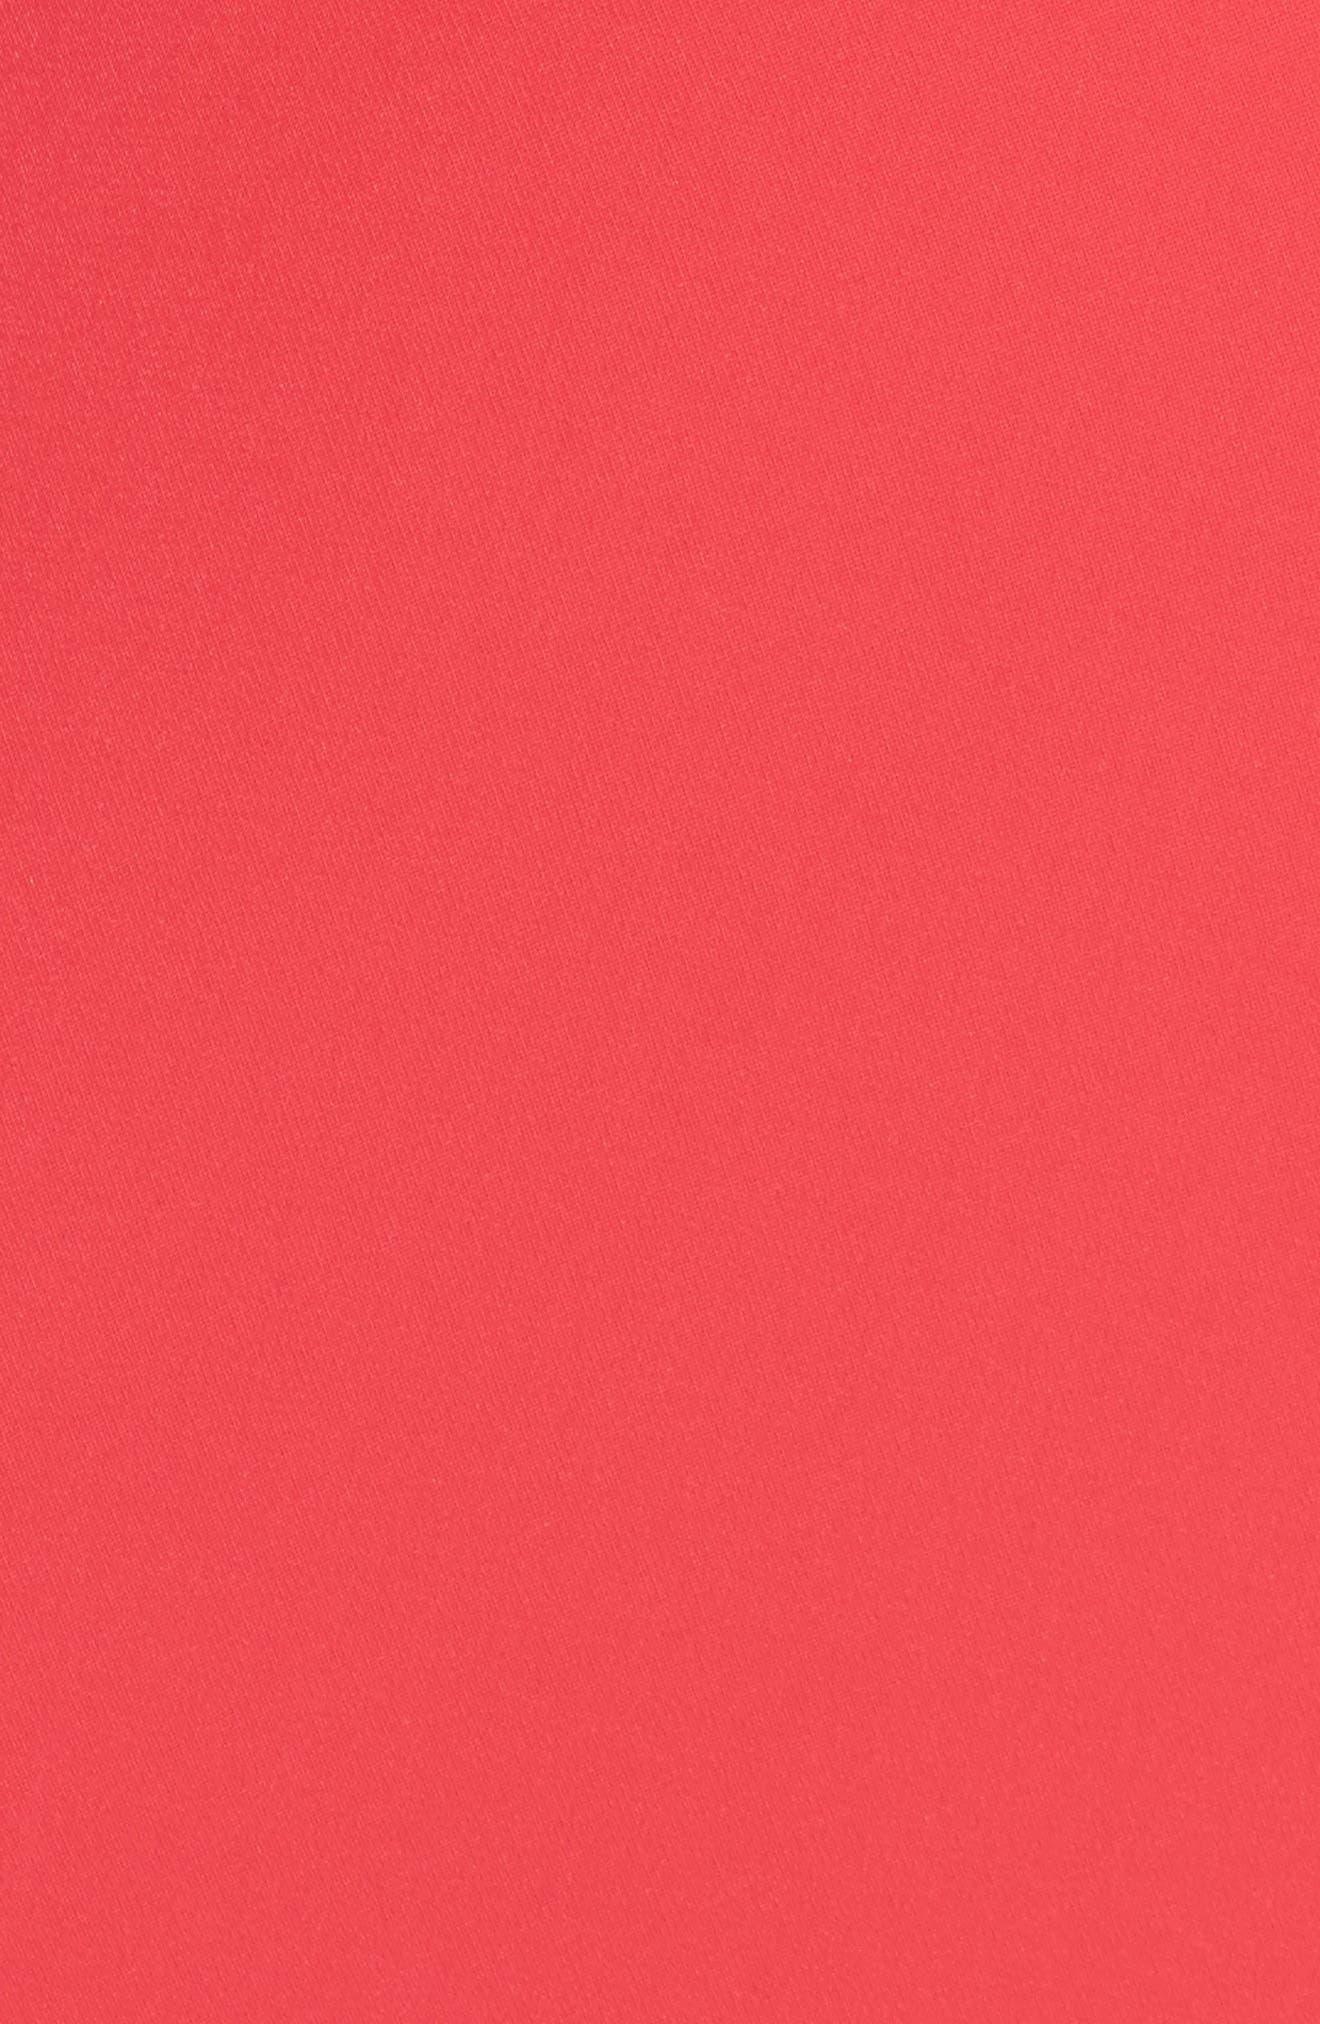 Embellished Cold Shoulder Crepe Gown,                             Alternate thumbnail 5, color,                             Pop Red